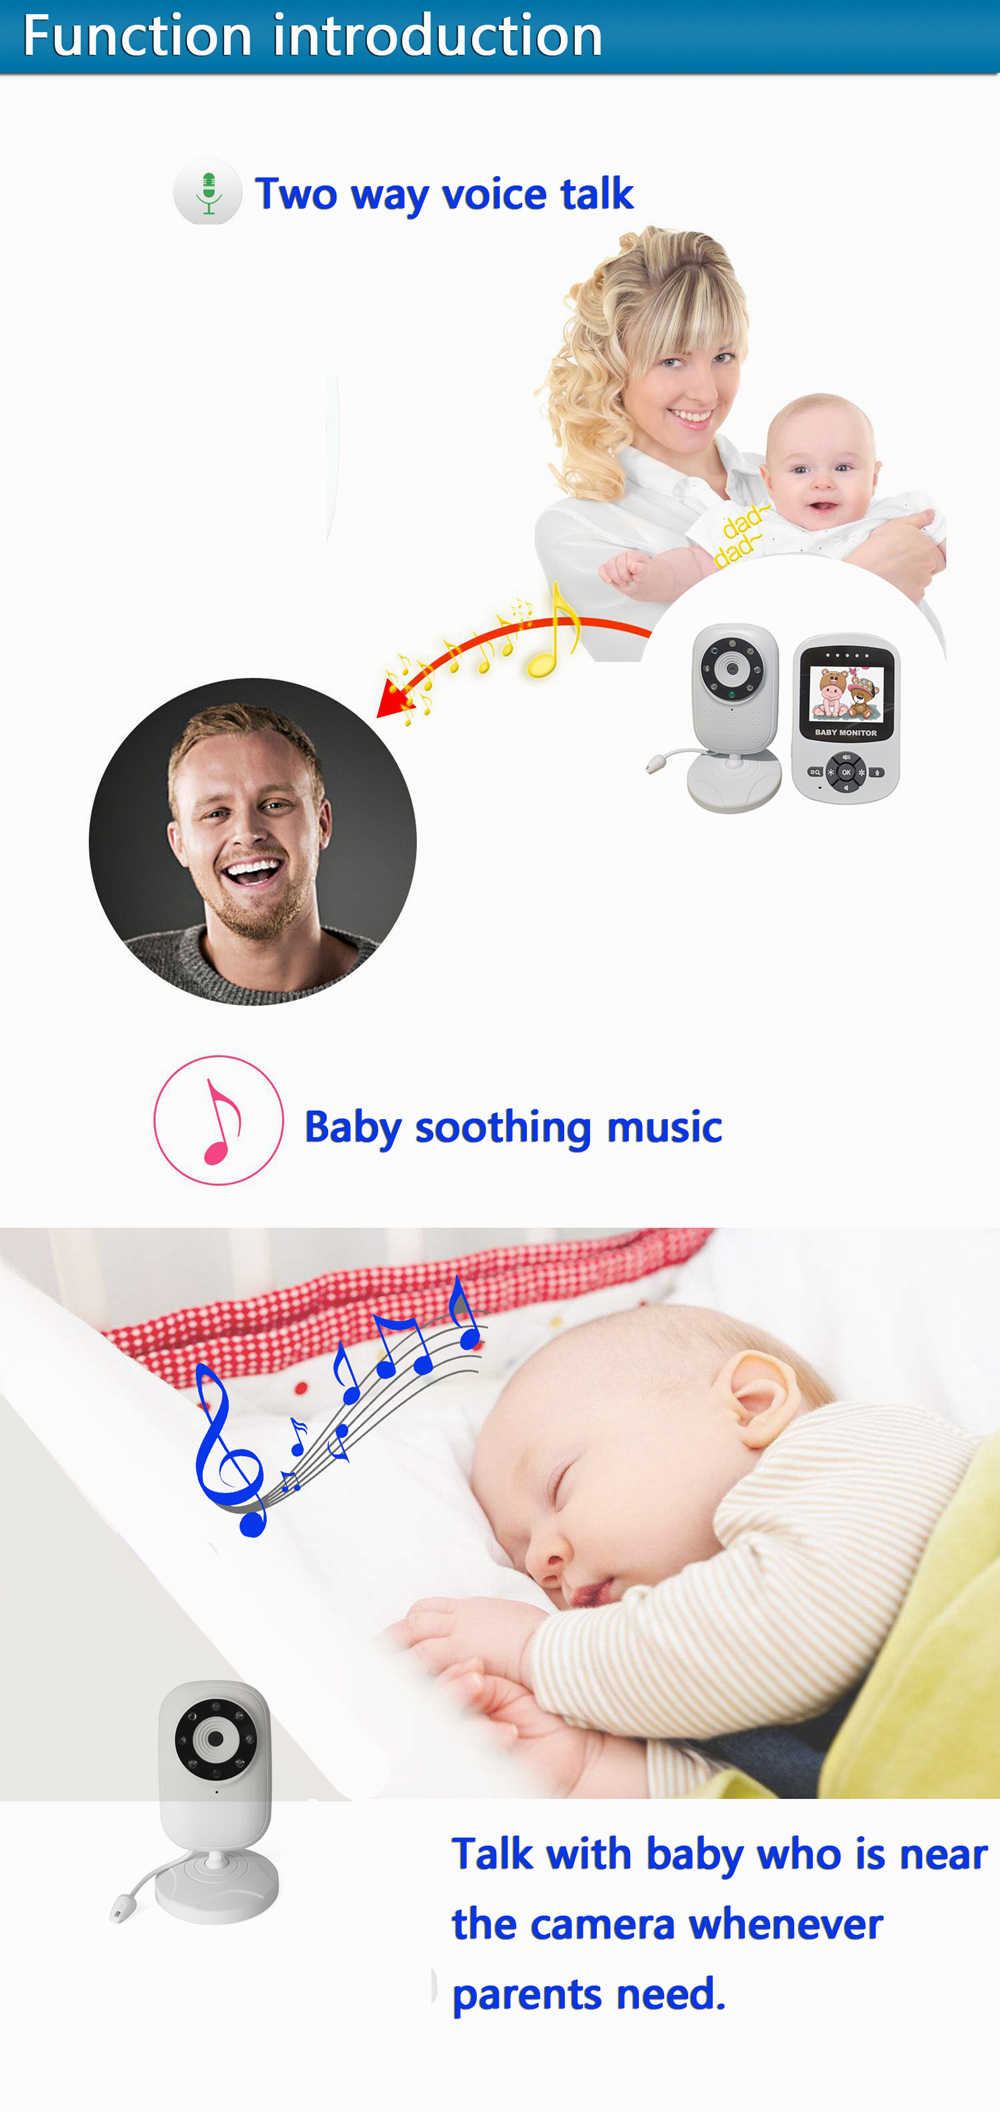 2.4 Polegada LCD Monitor Do Bebê de Áudio e Vídeo Sem Fio Babá Rádio Música 24h Câmera Do Bebê Portátil Walkie Talkie Intercom Babá